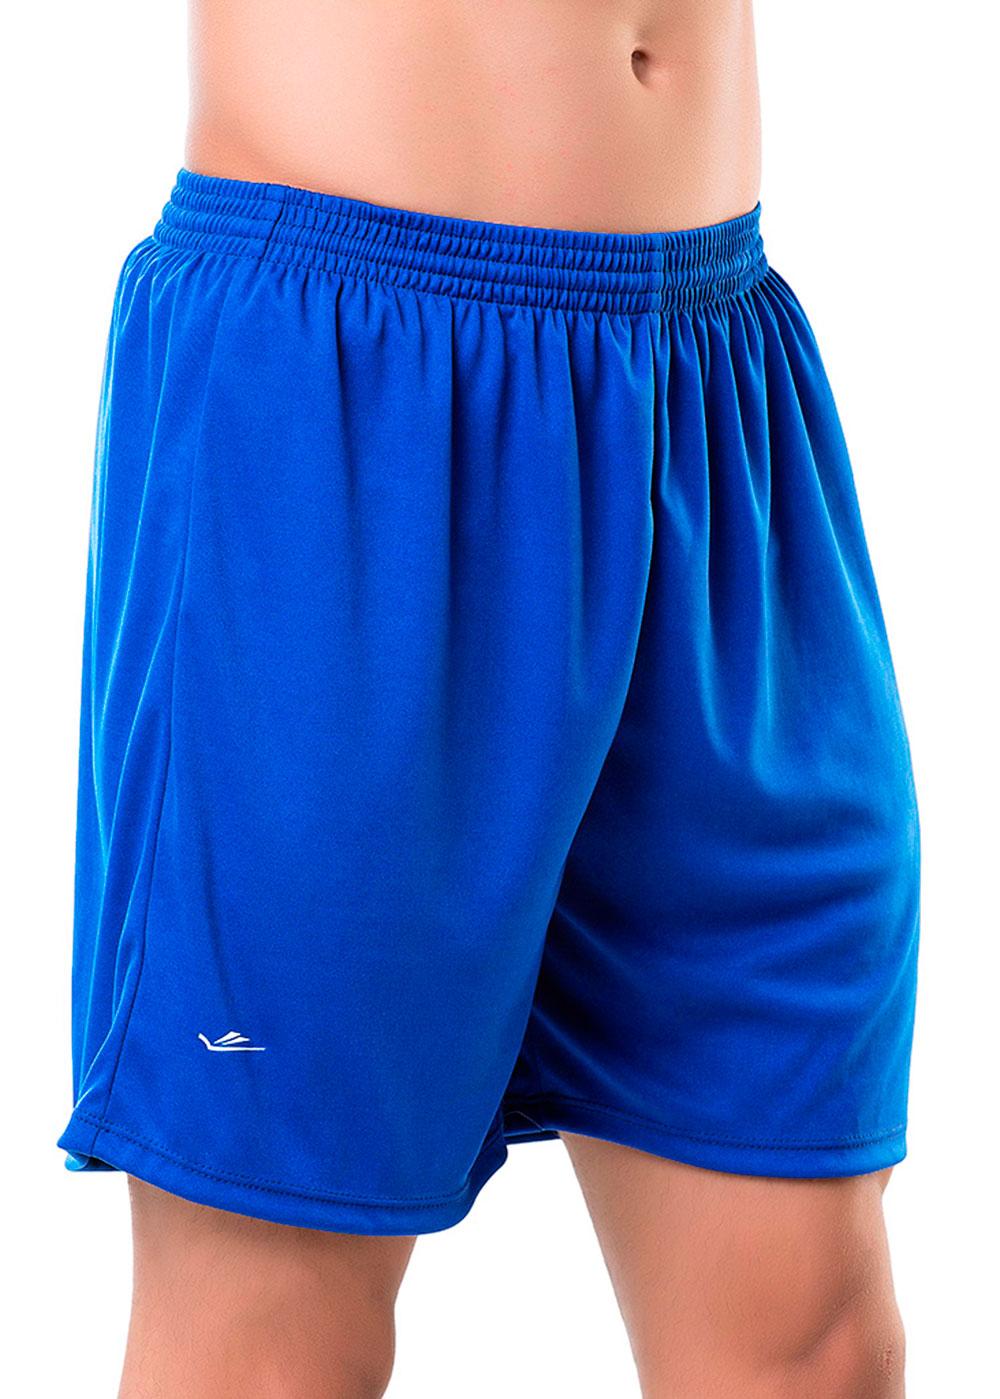 Calção Masculino Adulto Azul Royal para Exercício/Futebol/Academia - Elite